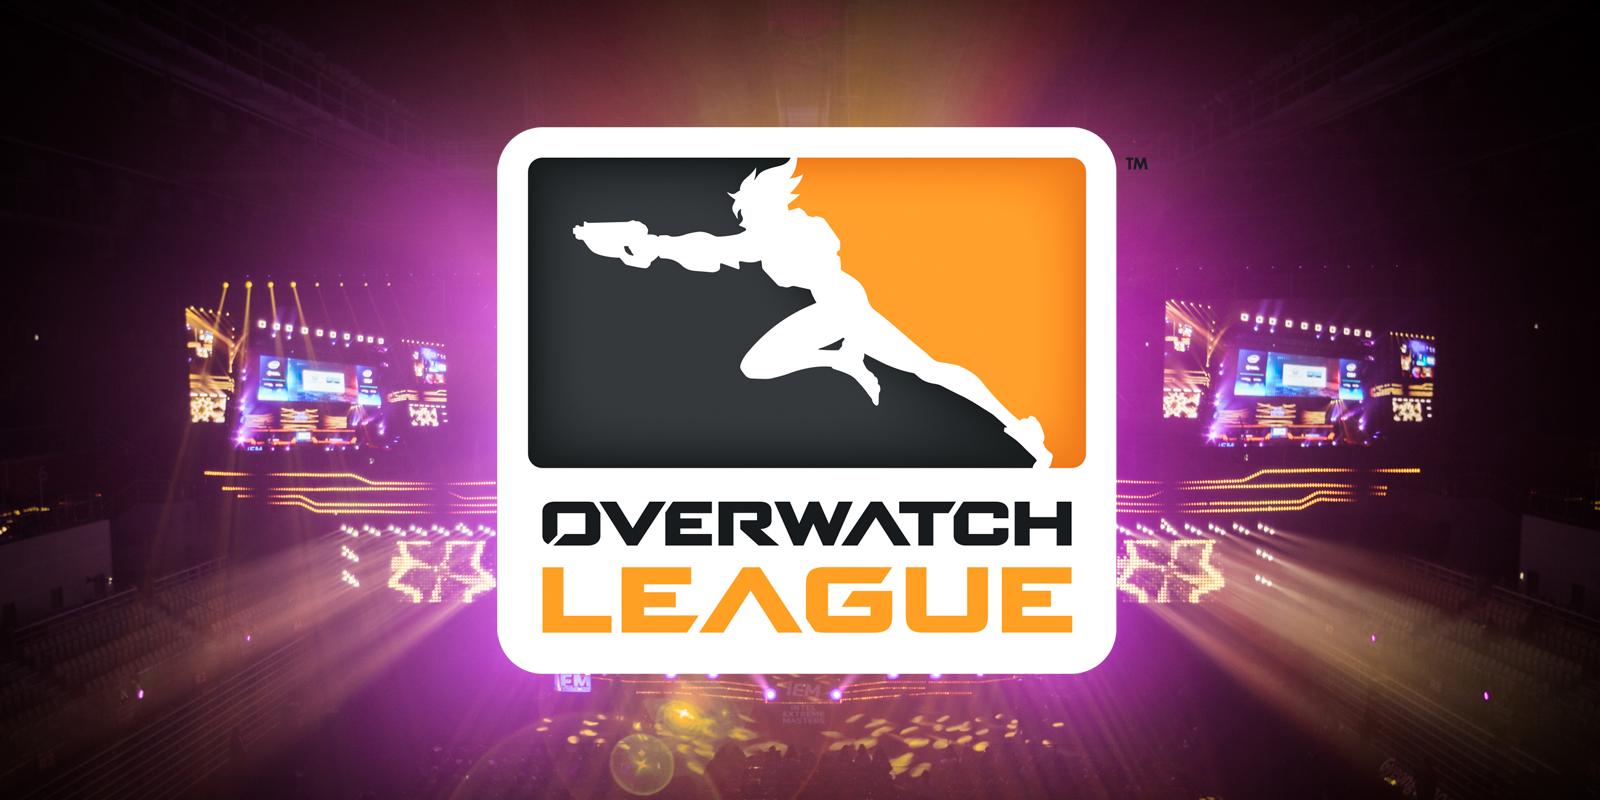 L'Overwatch League del 2019, inizia con 8 nuovi team da Asia, Europa, e Nord America